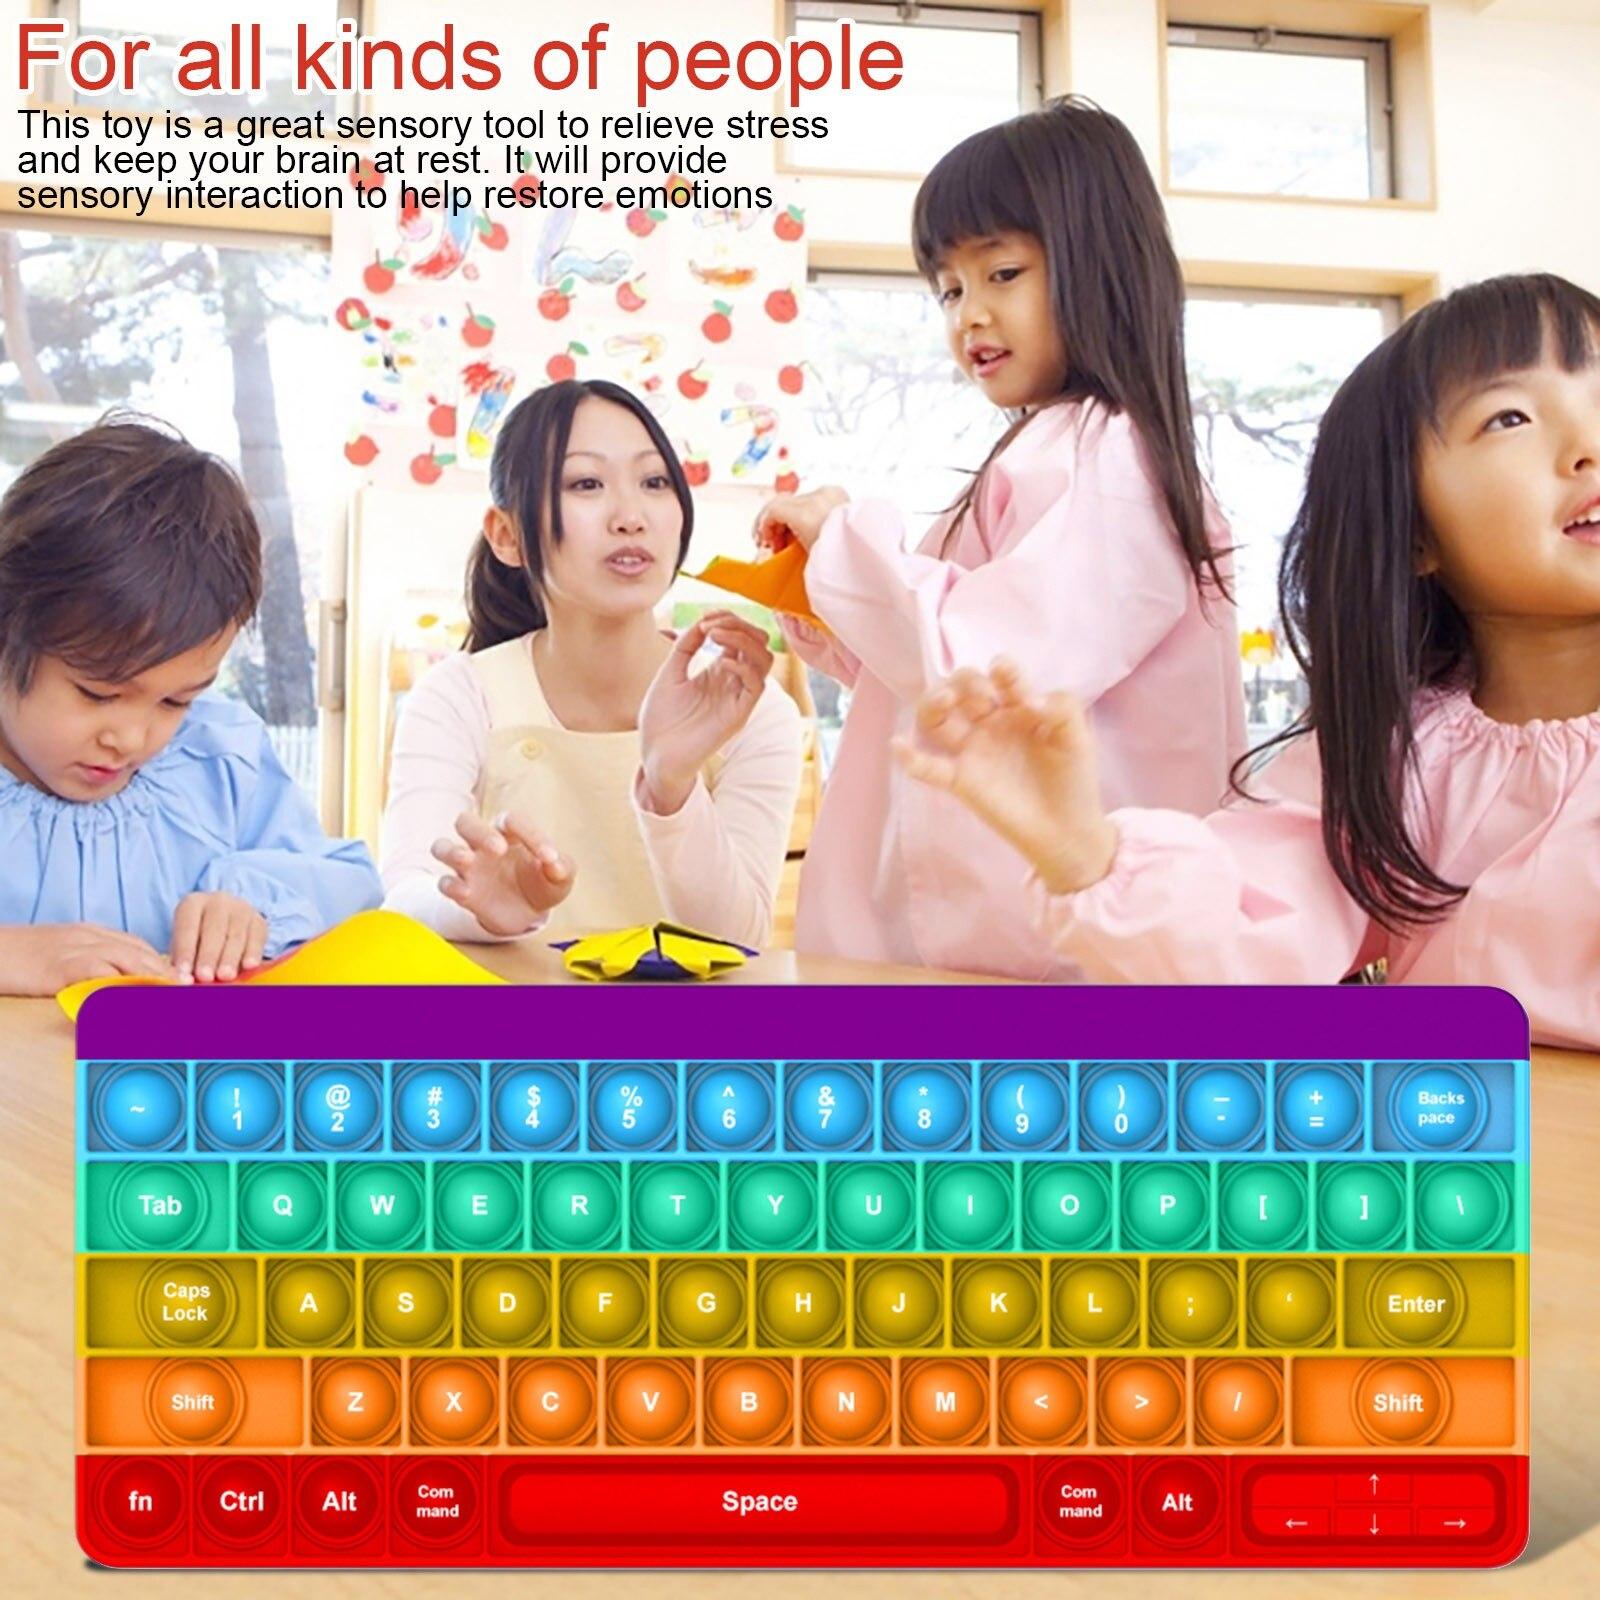 pop it key board fidget toy 8738 - Wacky Track